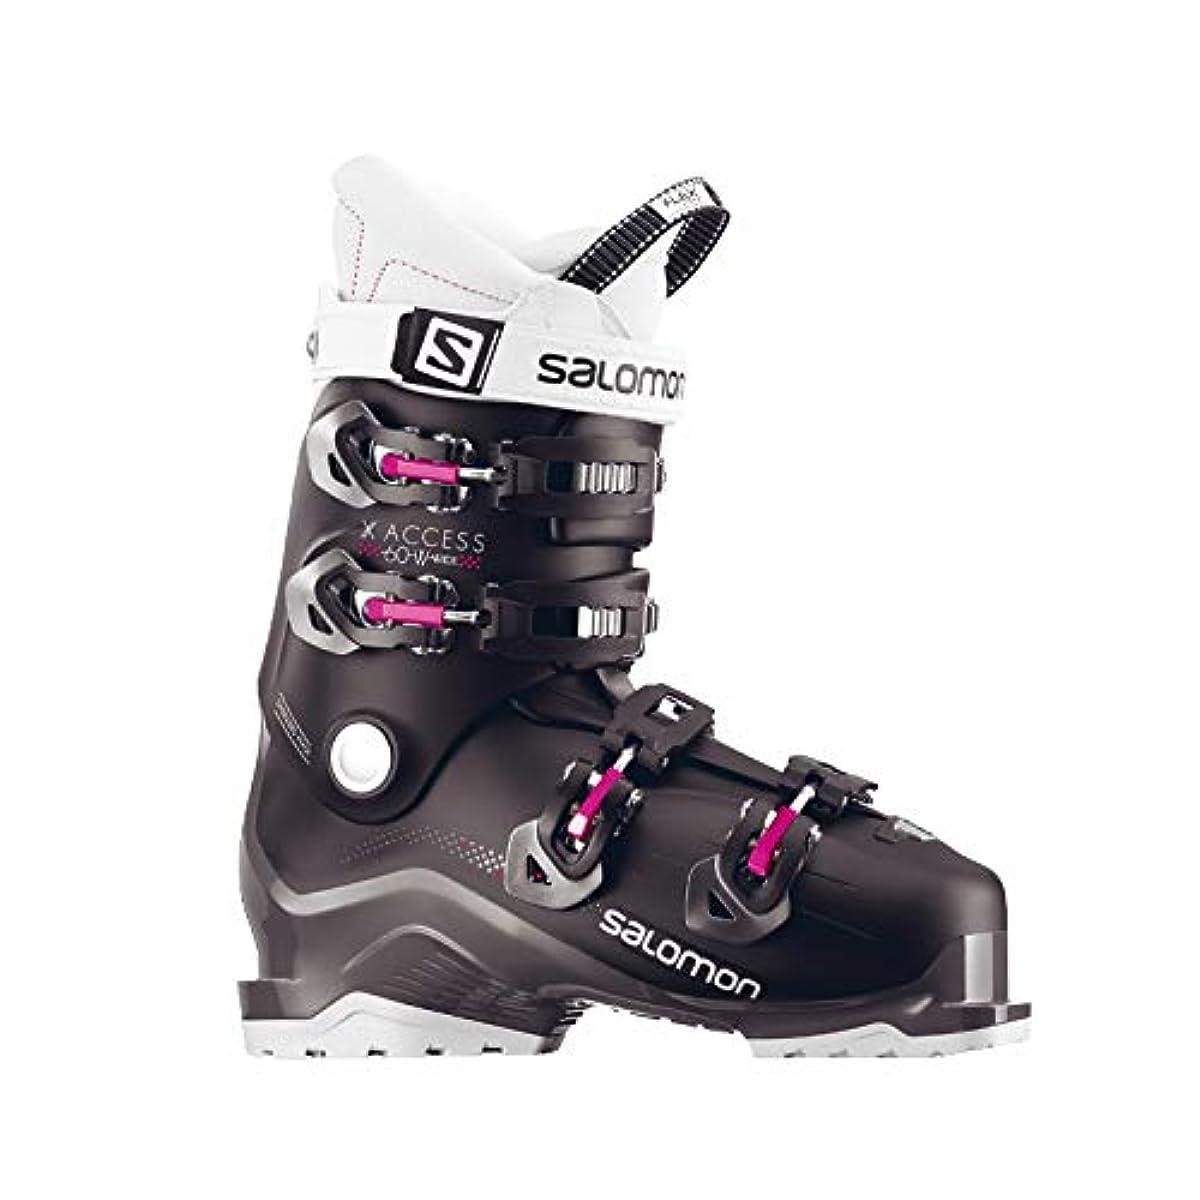 [해외] 살로몬SALOMON 스키화 X ACCESS 60 W WIDE BK/ANTHRA/P X 액세스 60 레이디스 L39947600